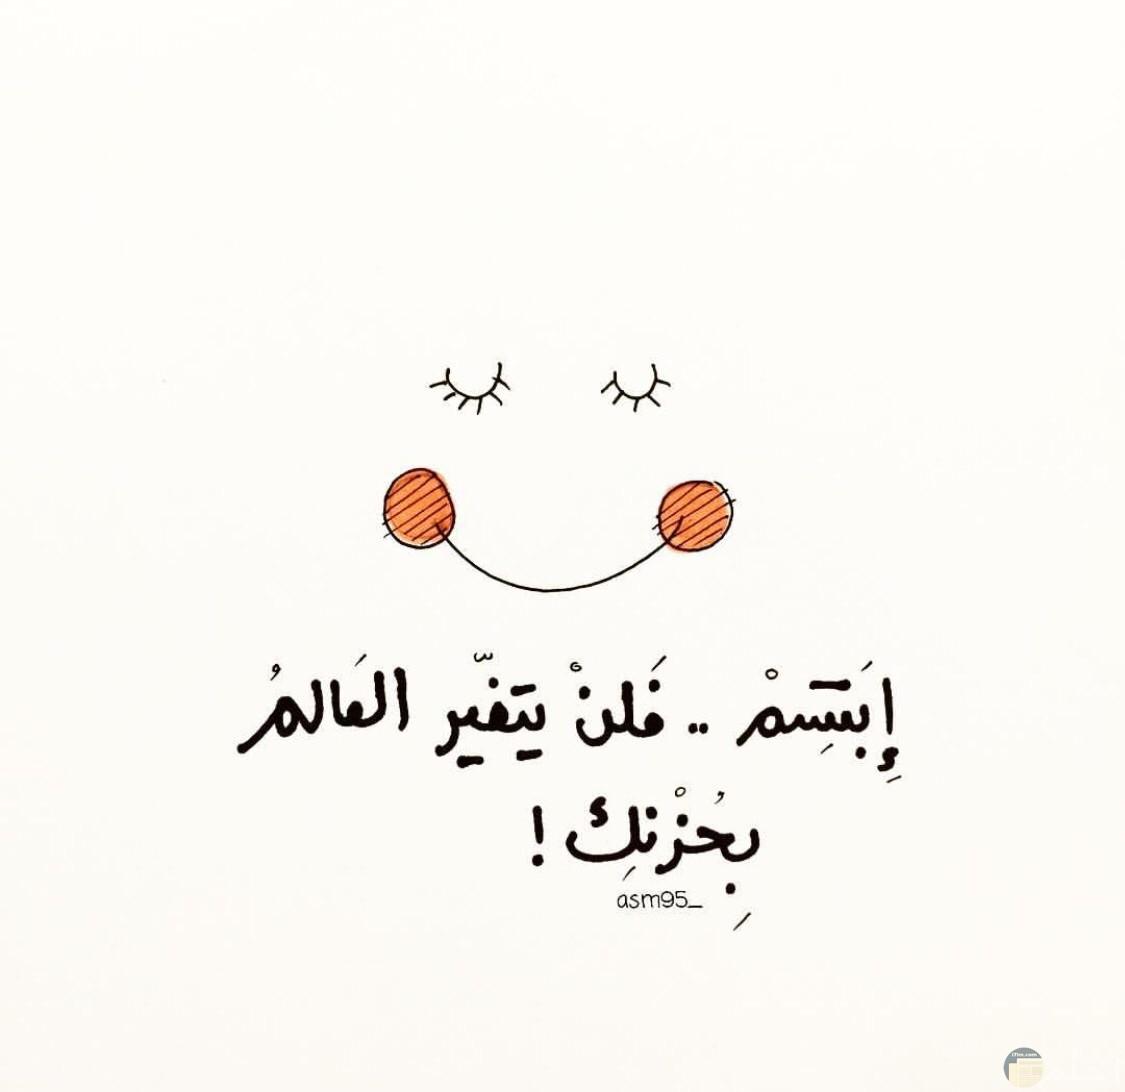 إبتسم فلن يتغير العالم بحزنك